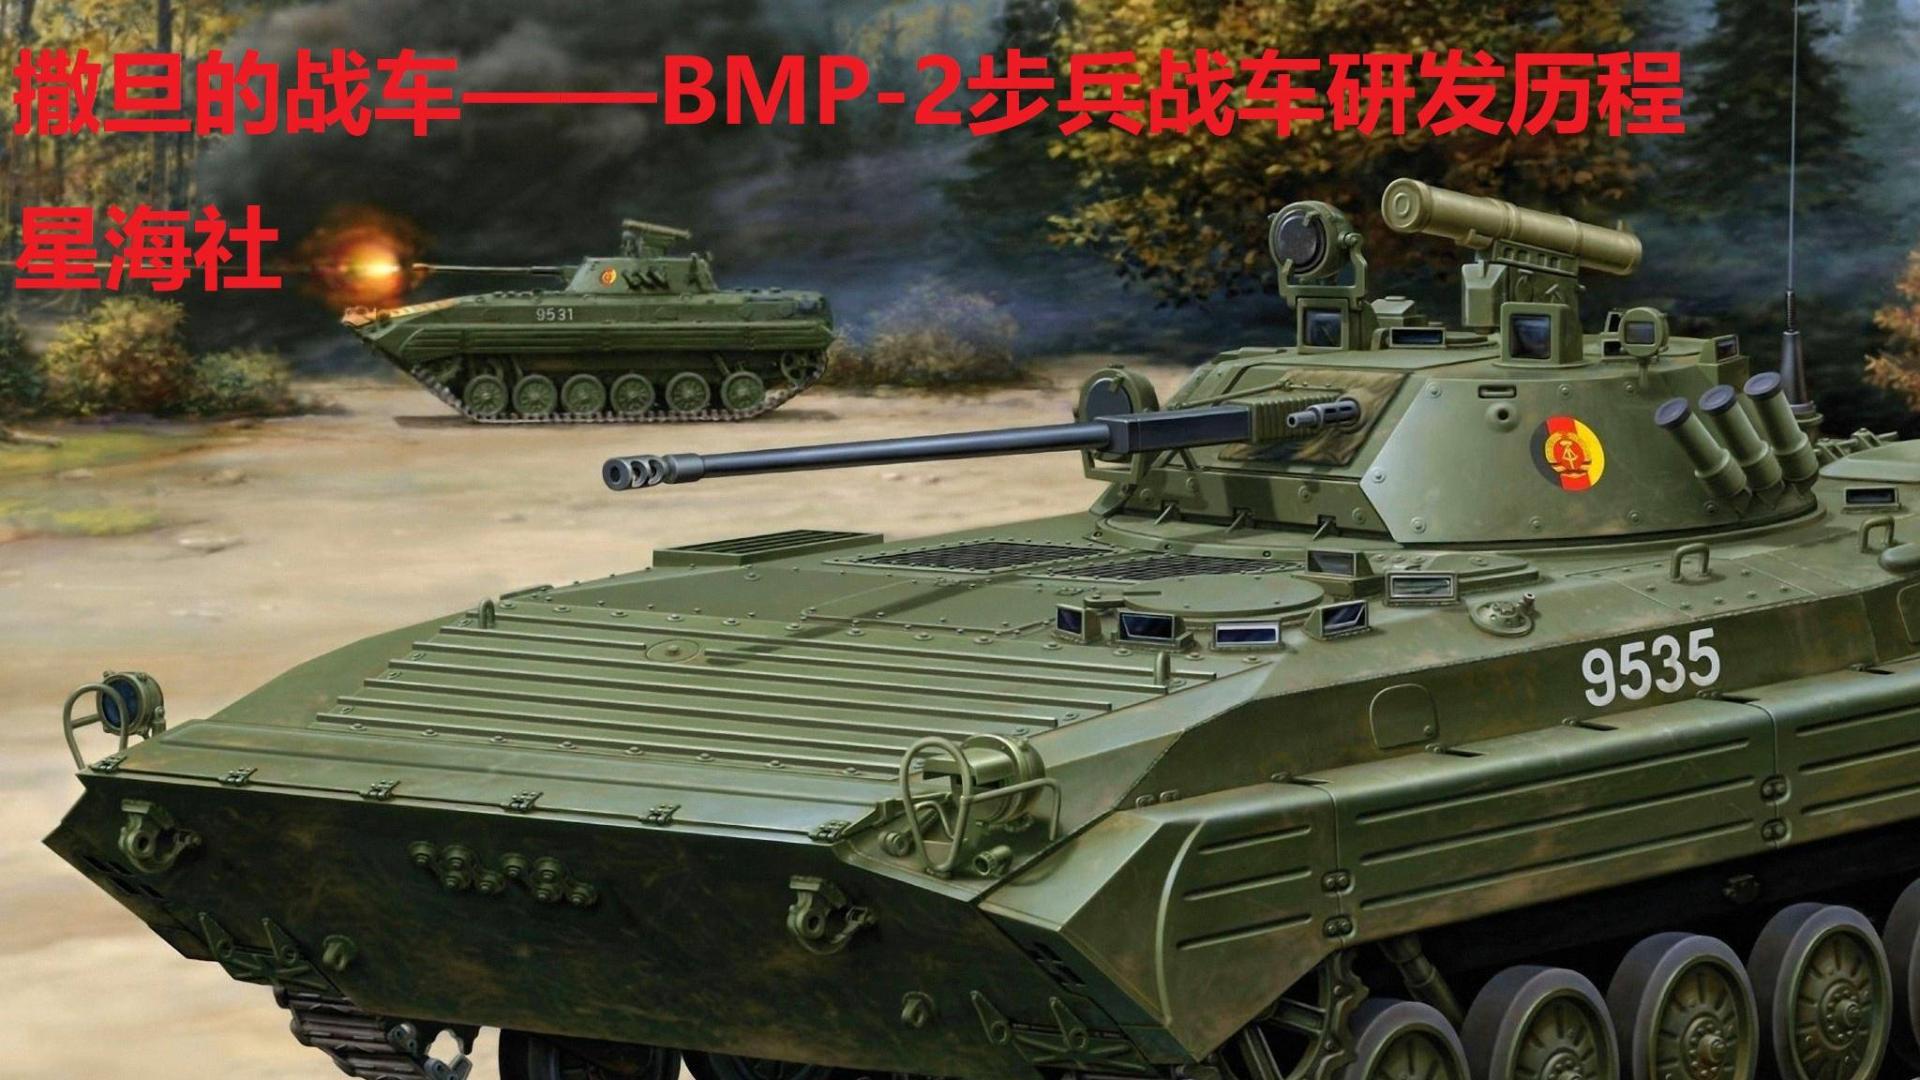 【星海社第199期】撒旦的战车:BMP-2步兵战车研发历程